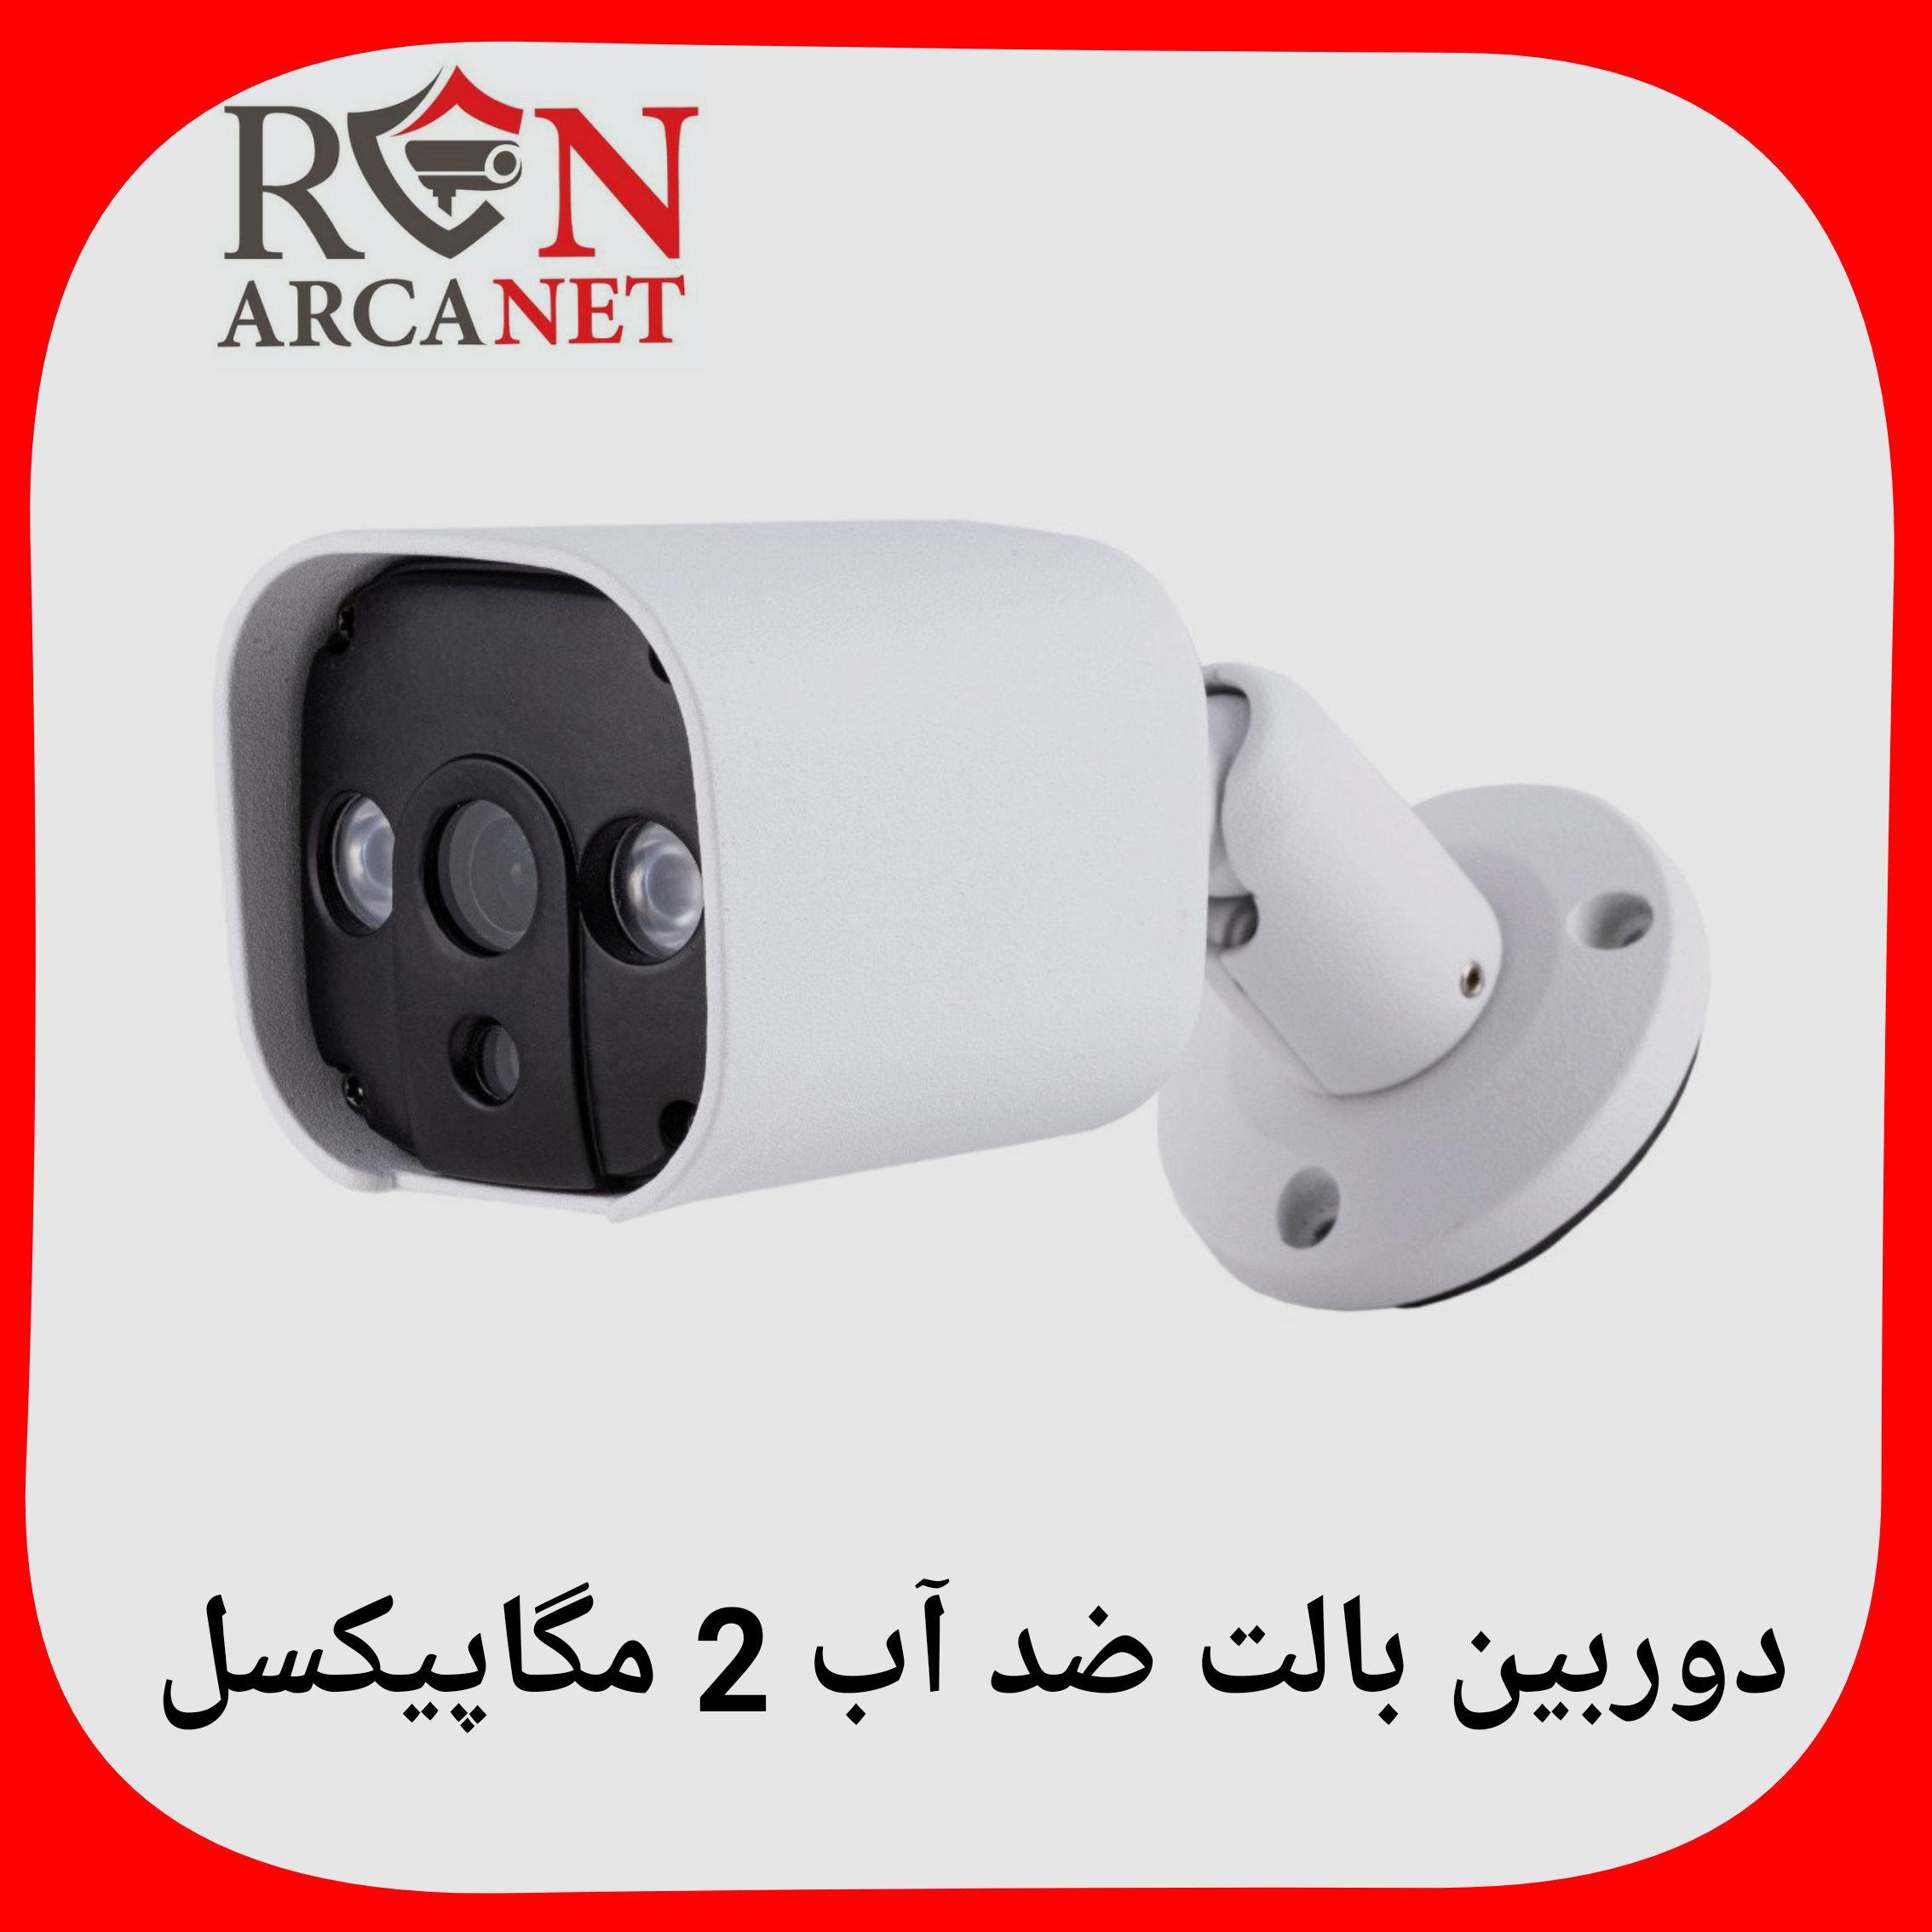 پکیج 2 دوربین اقتصادی